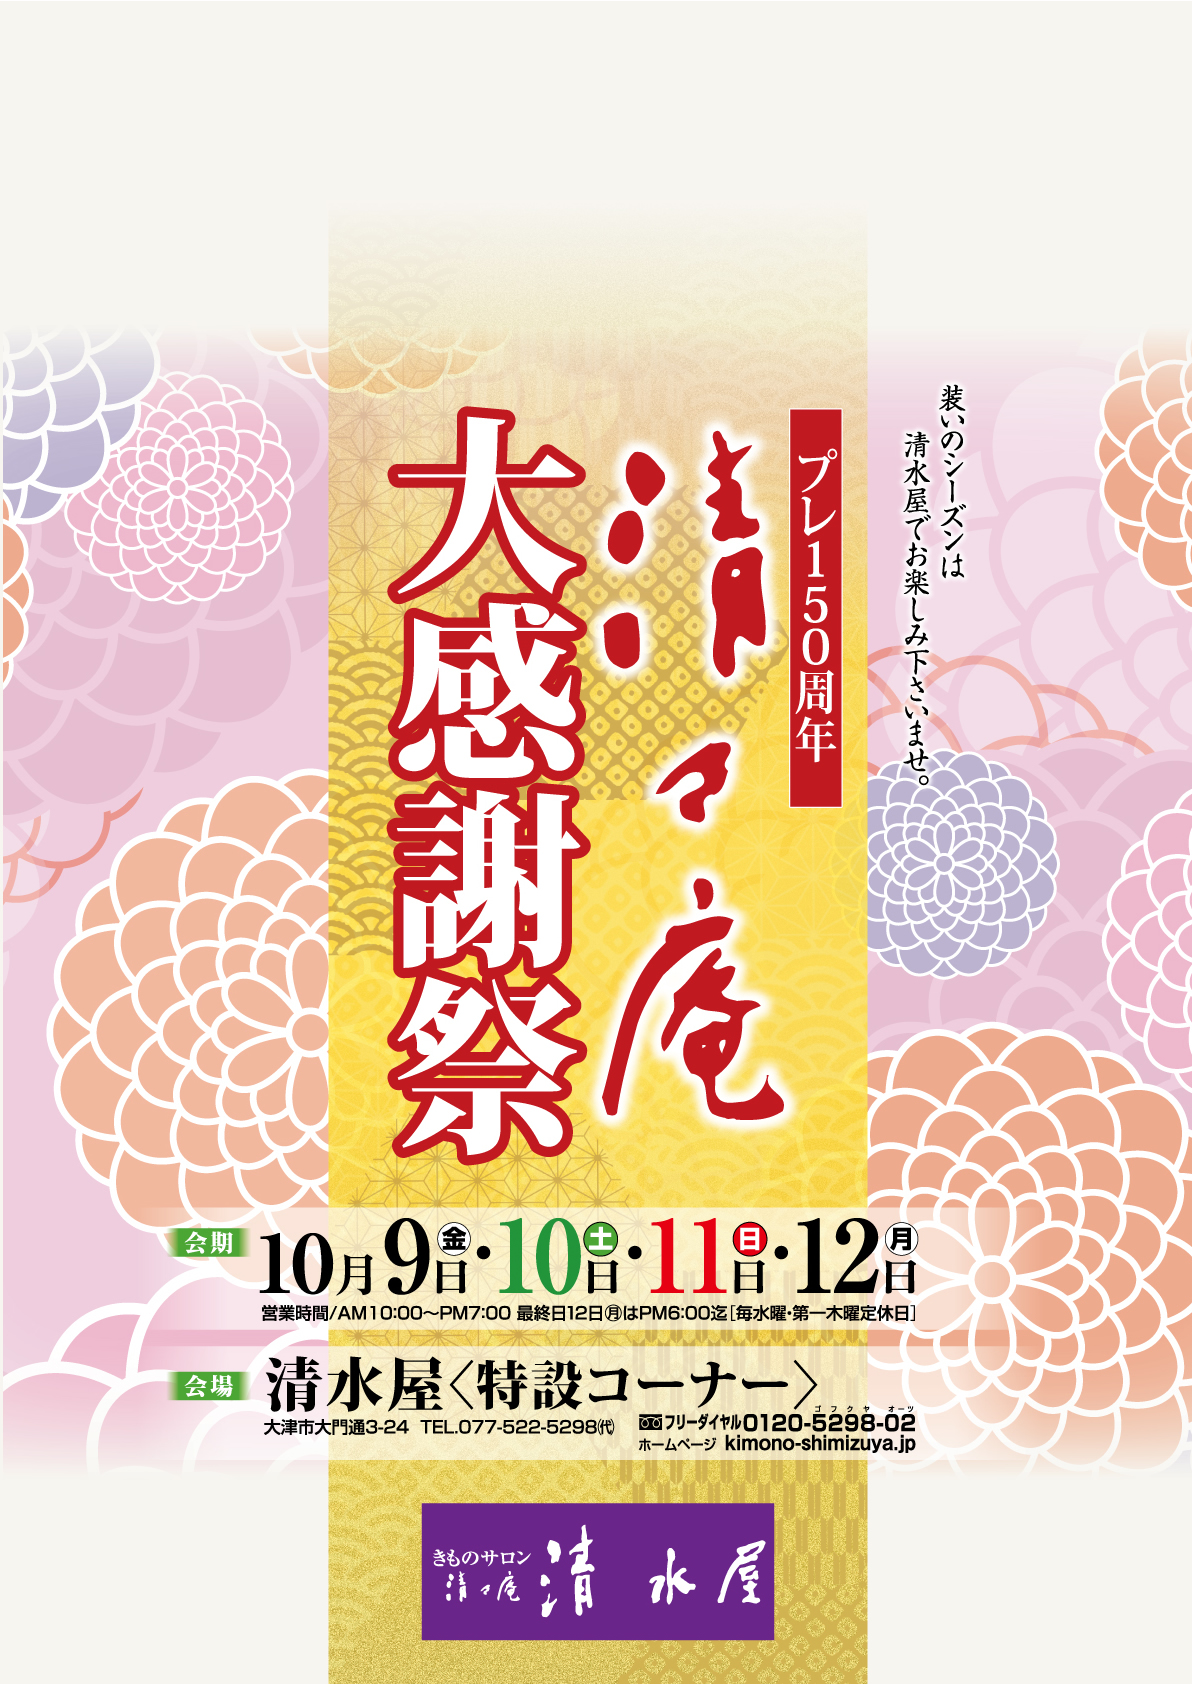 プレ150周年 清々庵 大感謝祭